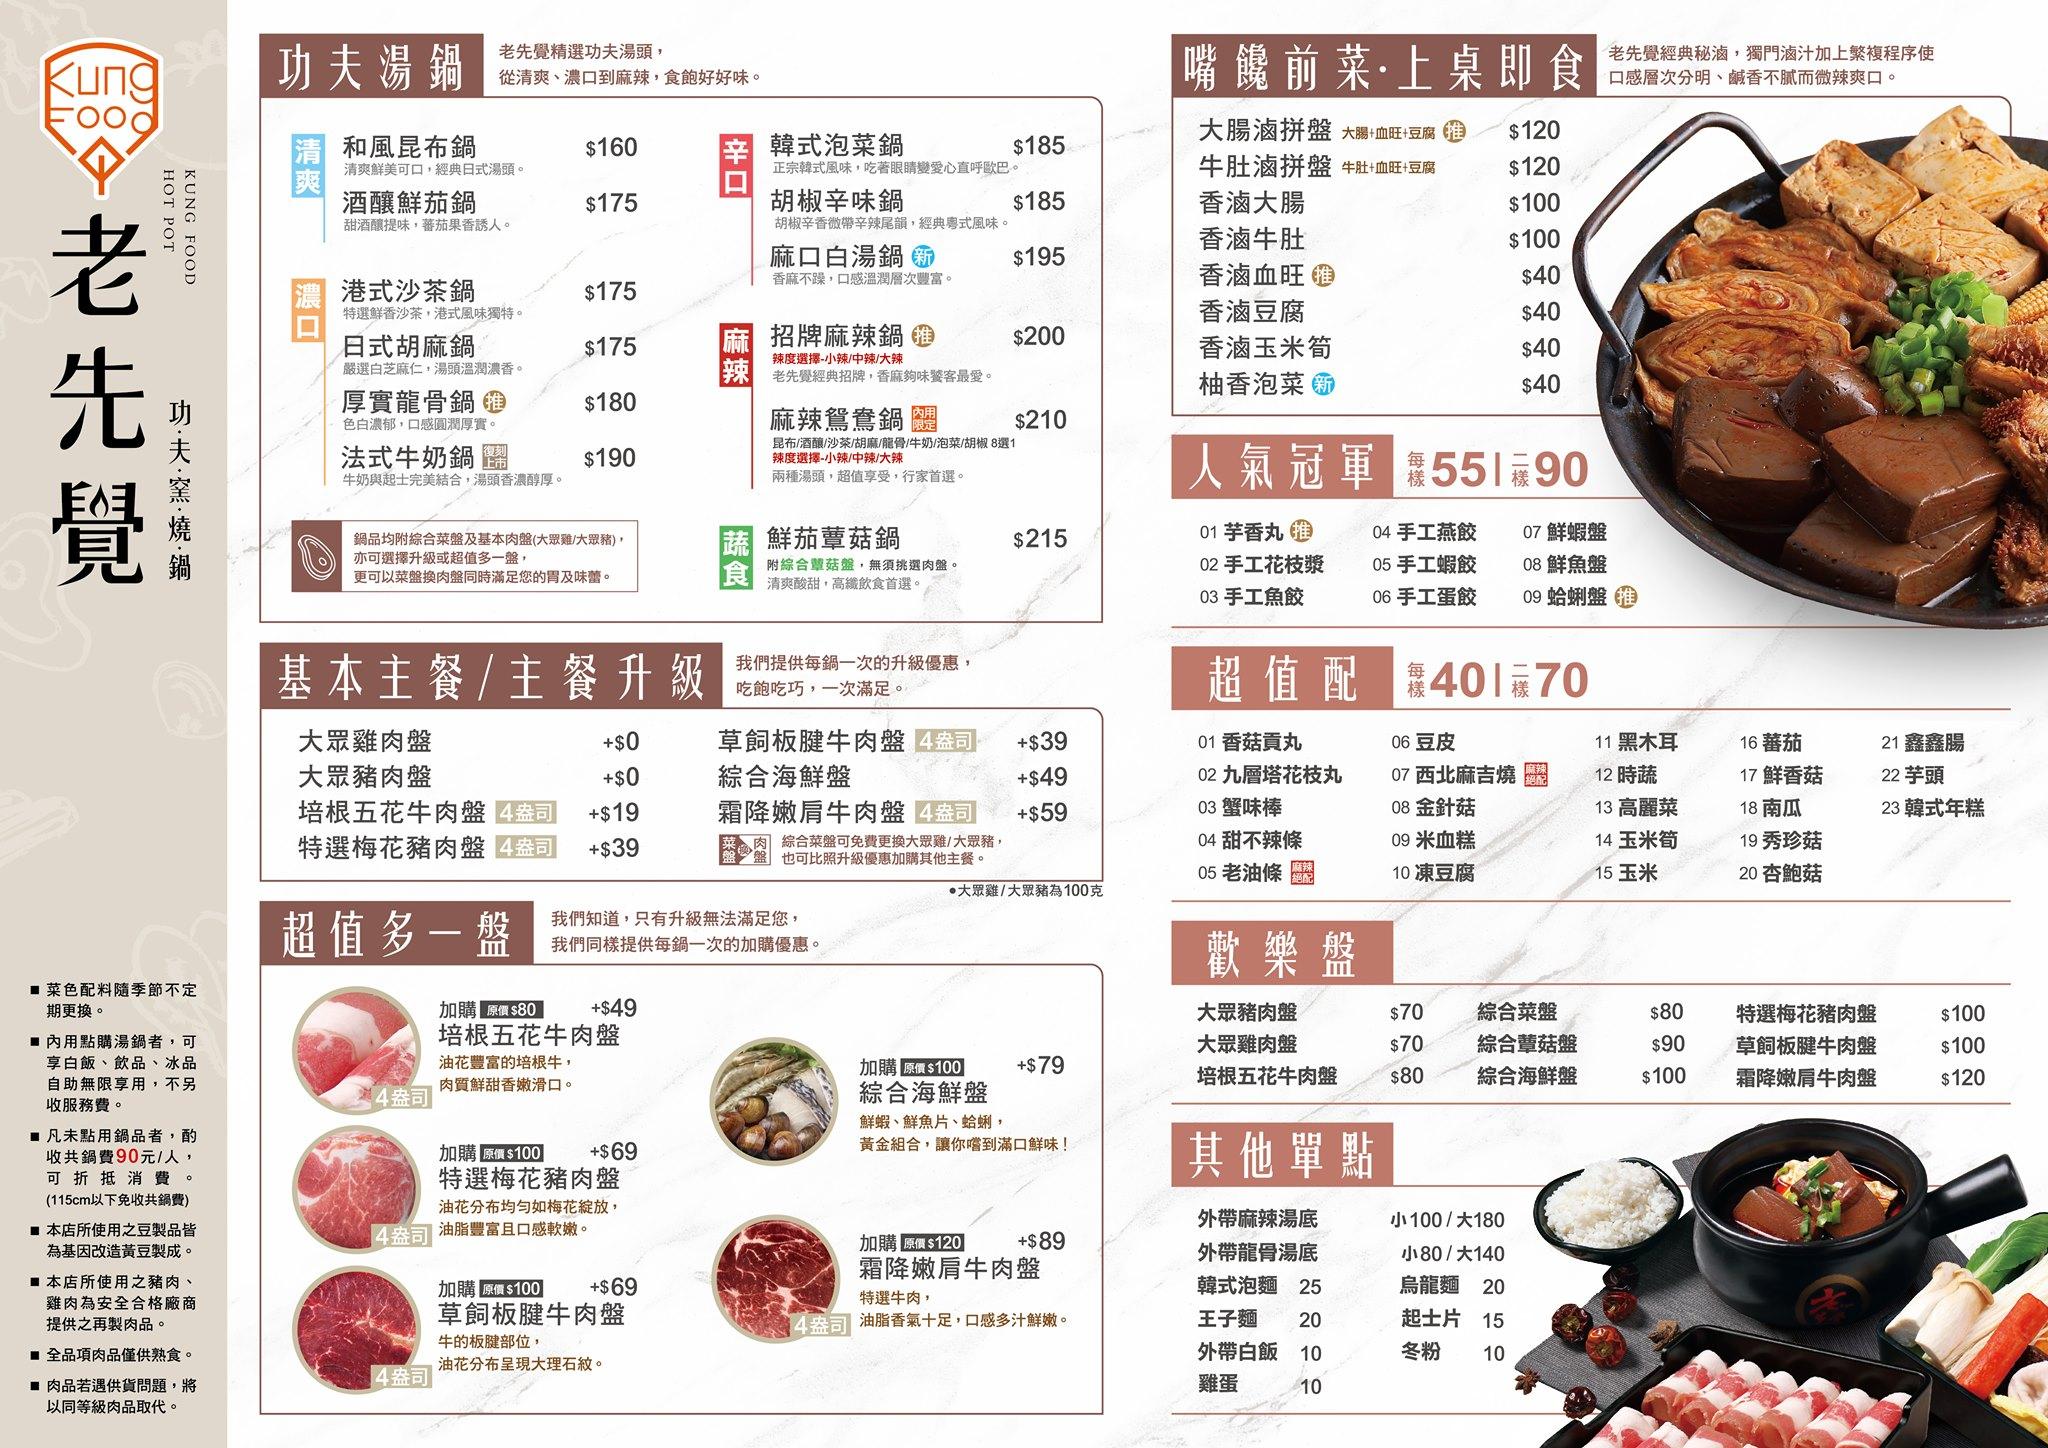 老先覺功夫窯燒鍋(二代店)菜單MENU